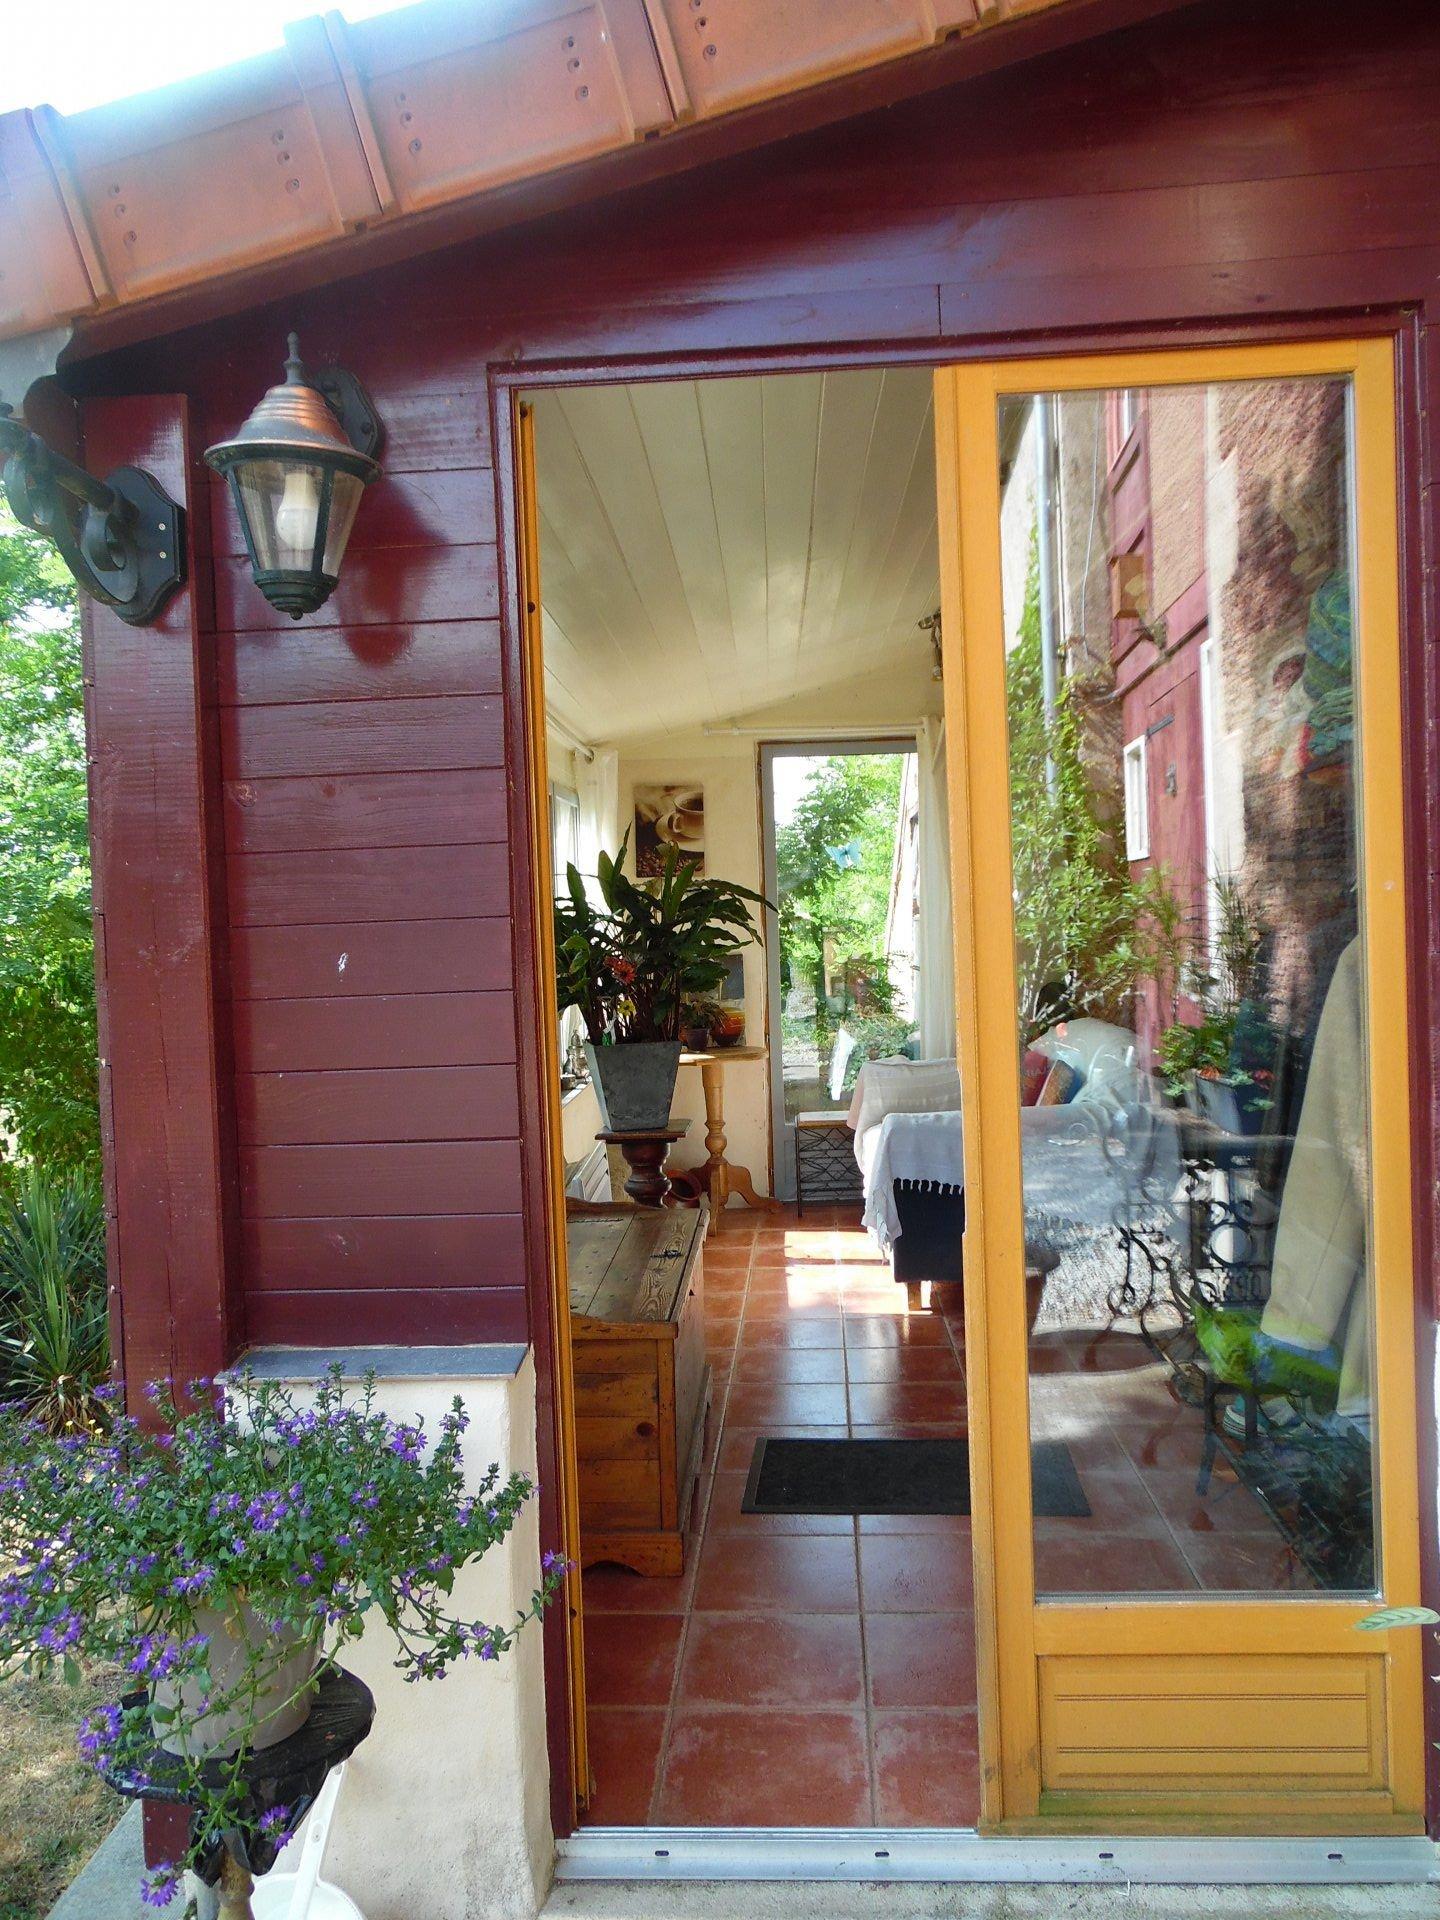 Te koop in de Creuse, boerderij veel ruimte en tuin (4978m²)